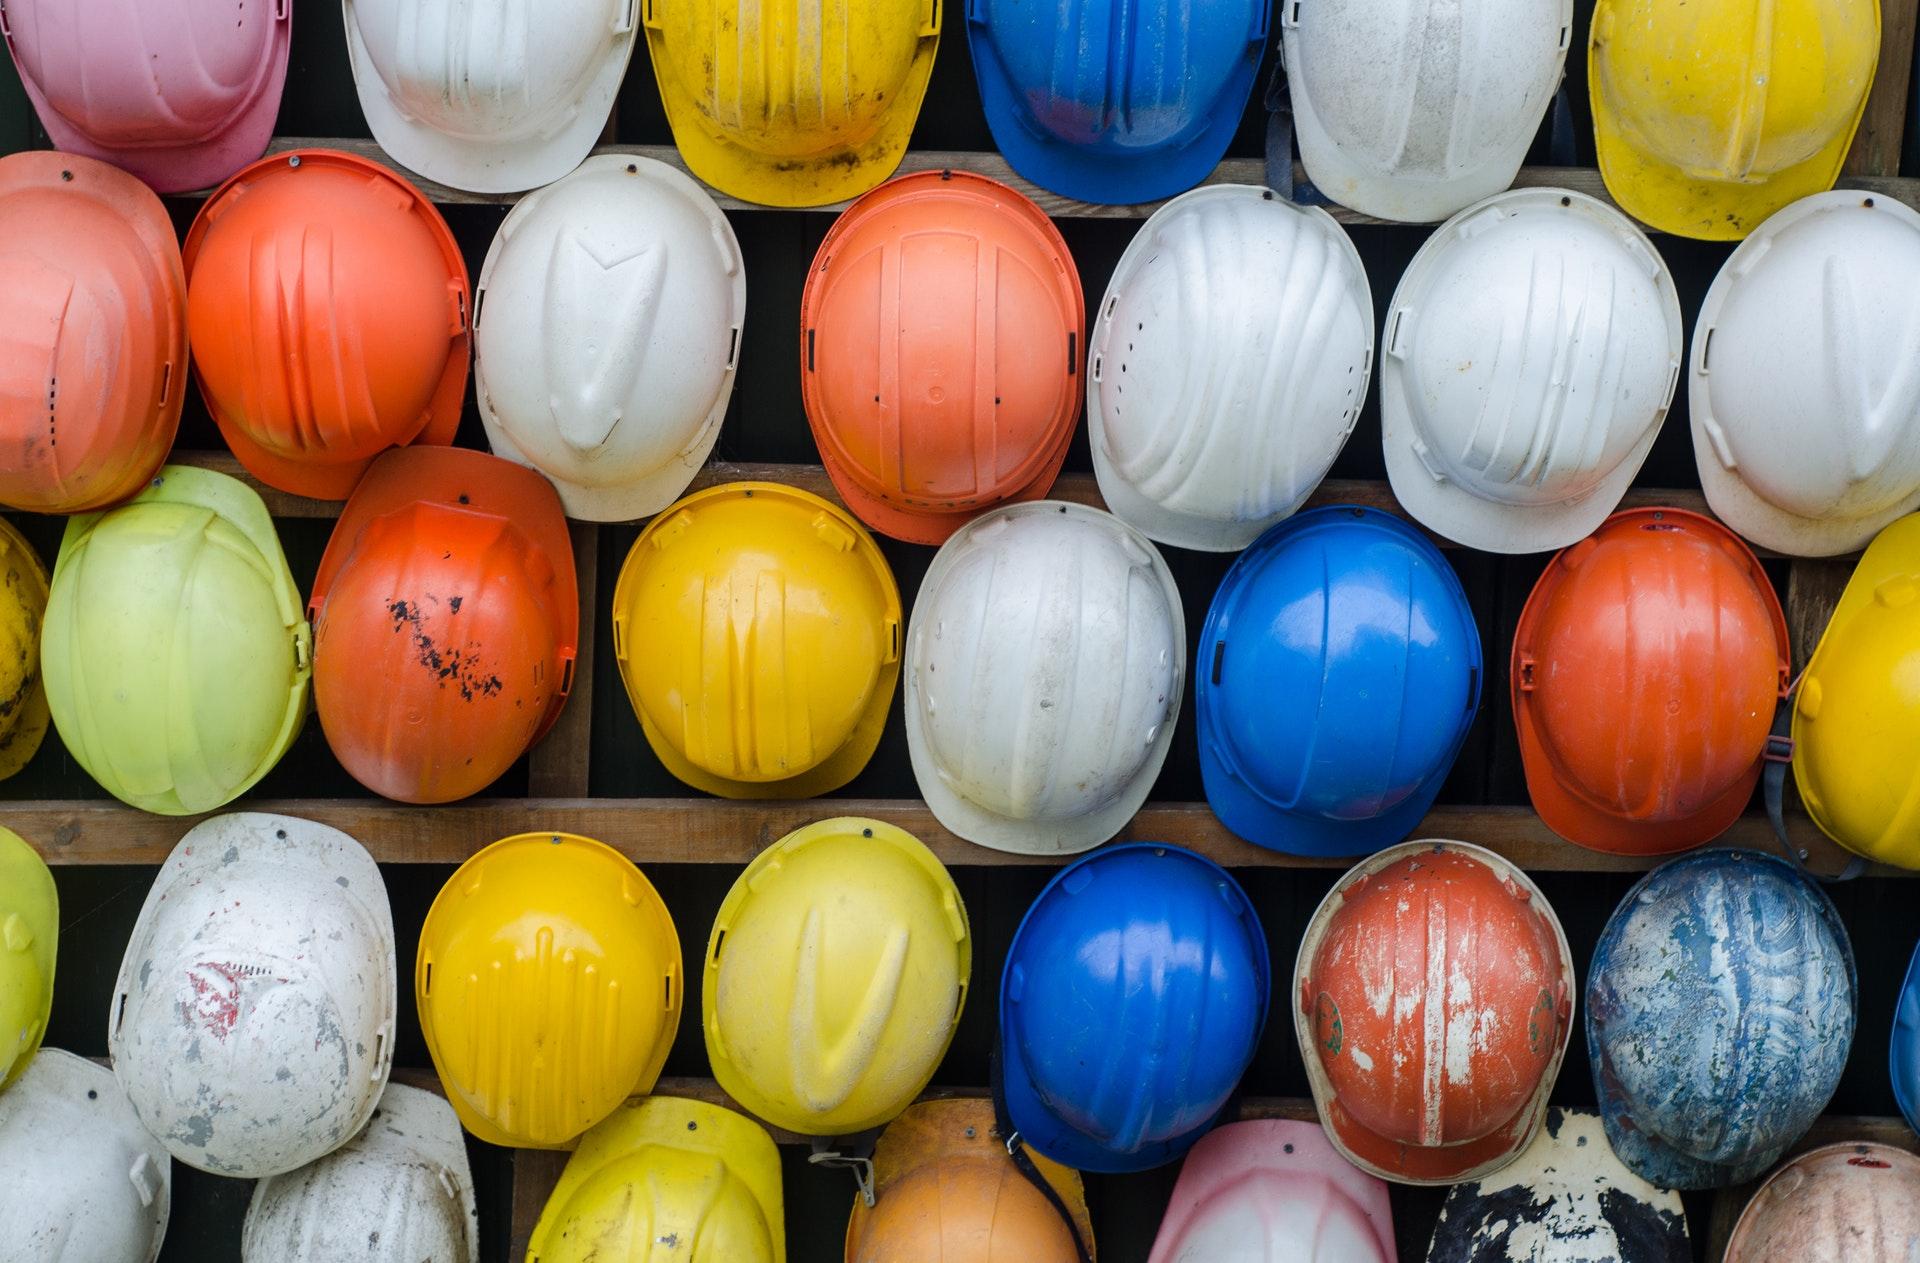 В Правительственном бюллетене (ФЕК) опубликовано решение об утверждении отступлений при выдаче разрешения на строительство и легализации произвольных построек